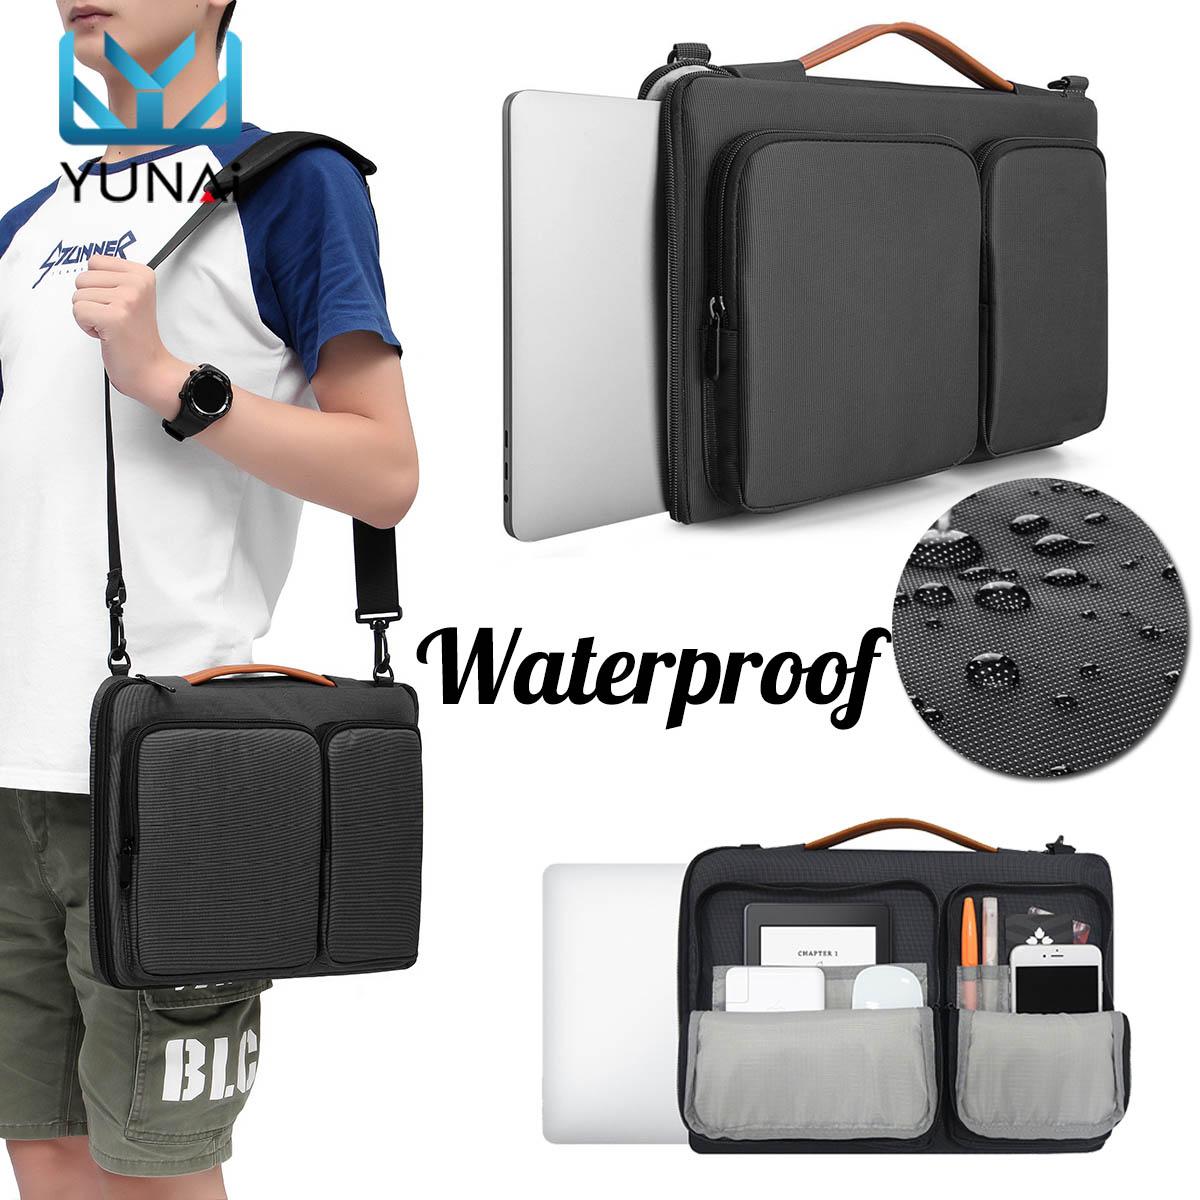 YUNAIラップトップバッグスリーブMacbook Air Pro Retina 14インチノートブック保護ケース用男性女性ビジネスタブレットキャリーバッグラップトップバッグ